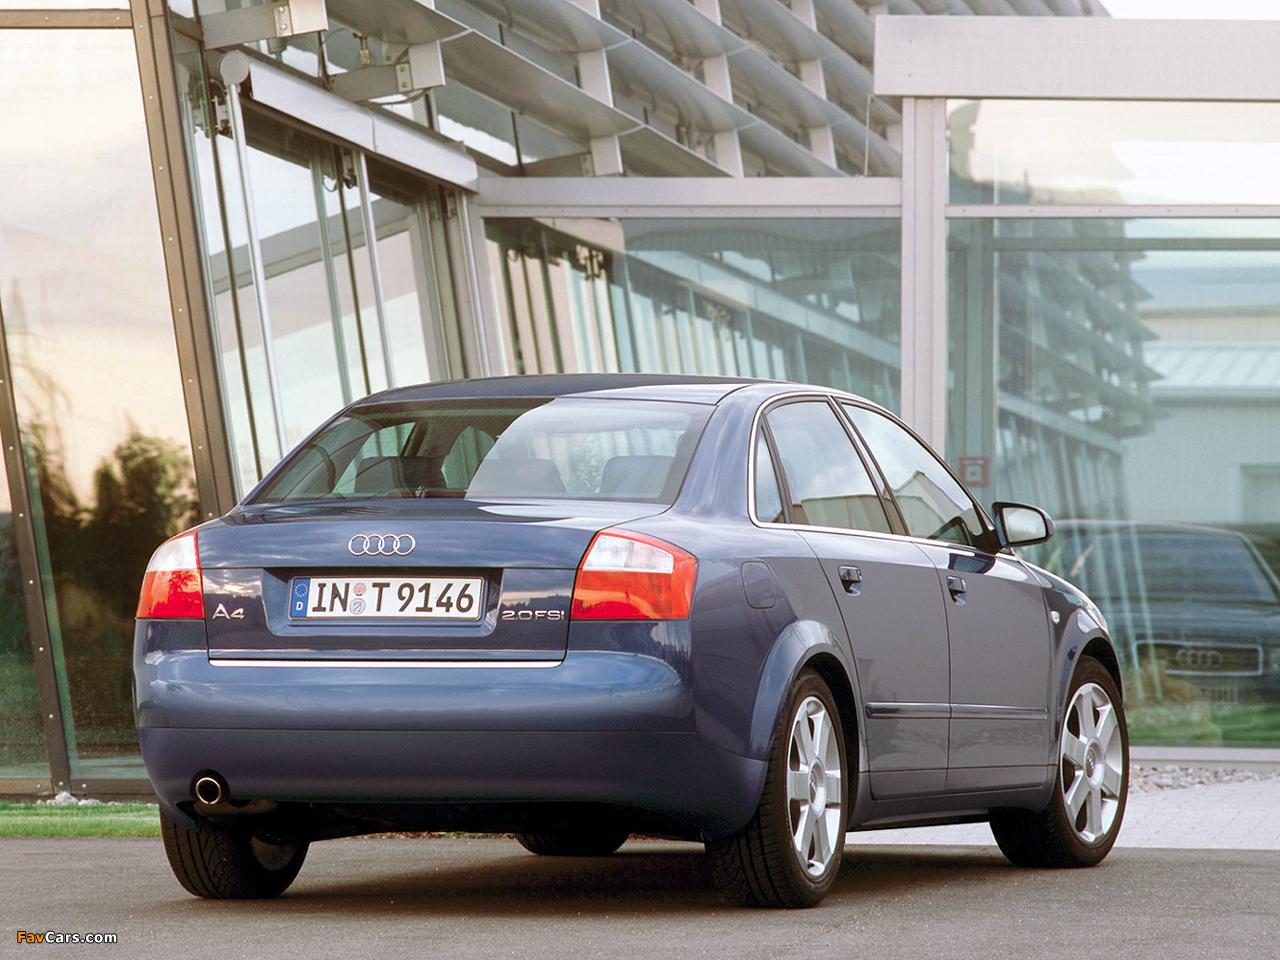 Audi A4 2 0 Fsi Sedan B6 8e 2000 2004 Photos 1280x960